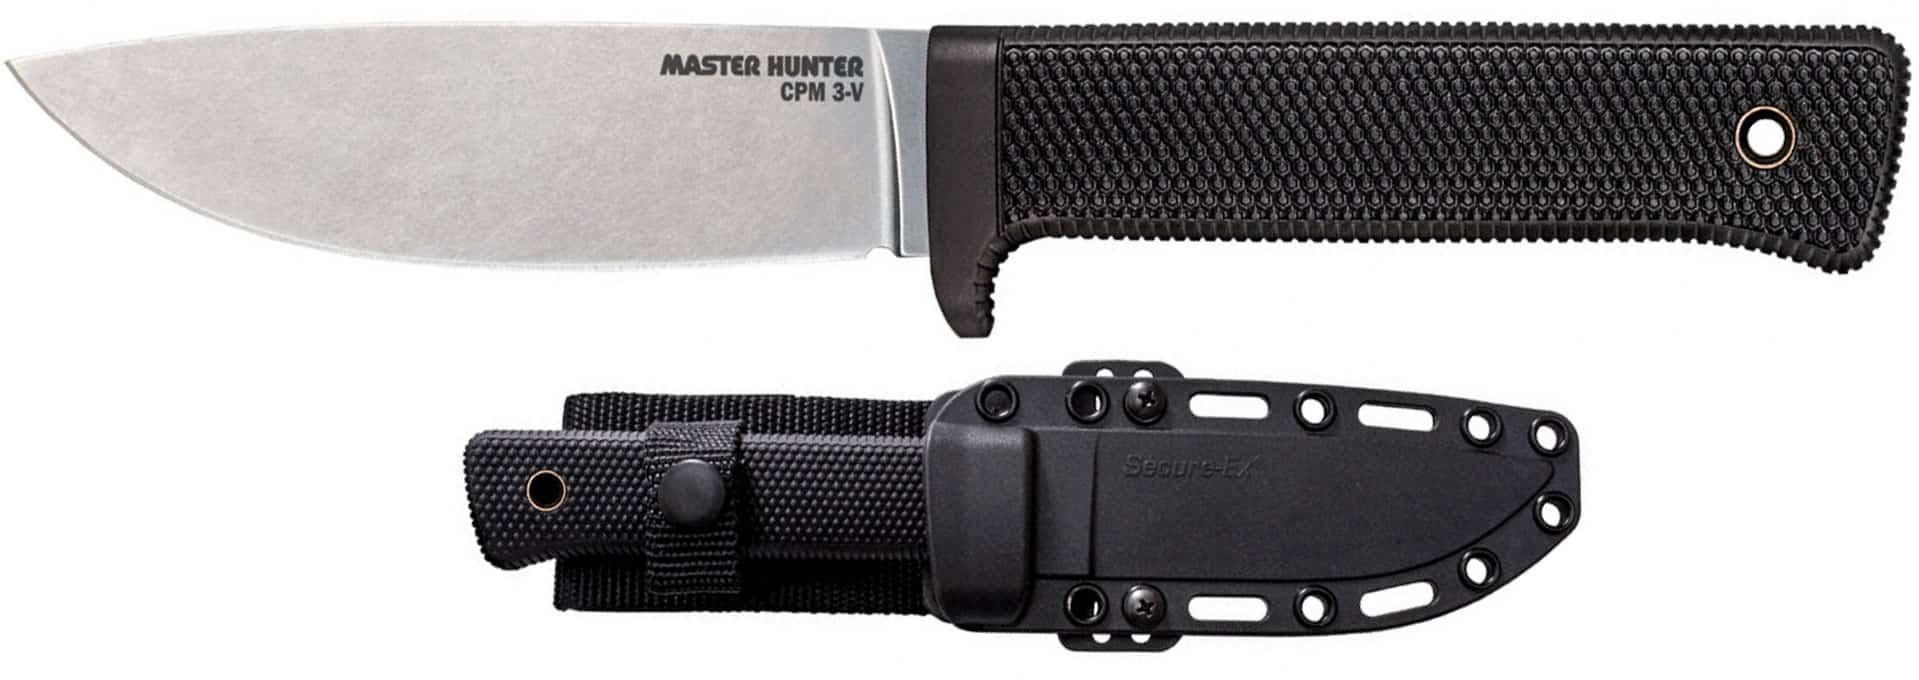 Cold Steel 3V Master Hunter Review 1